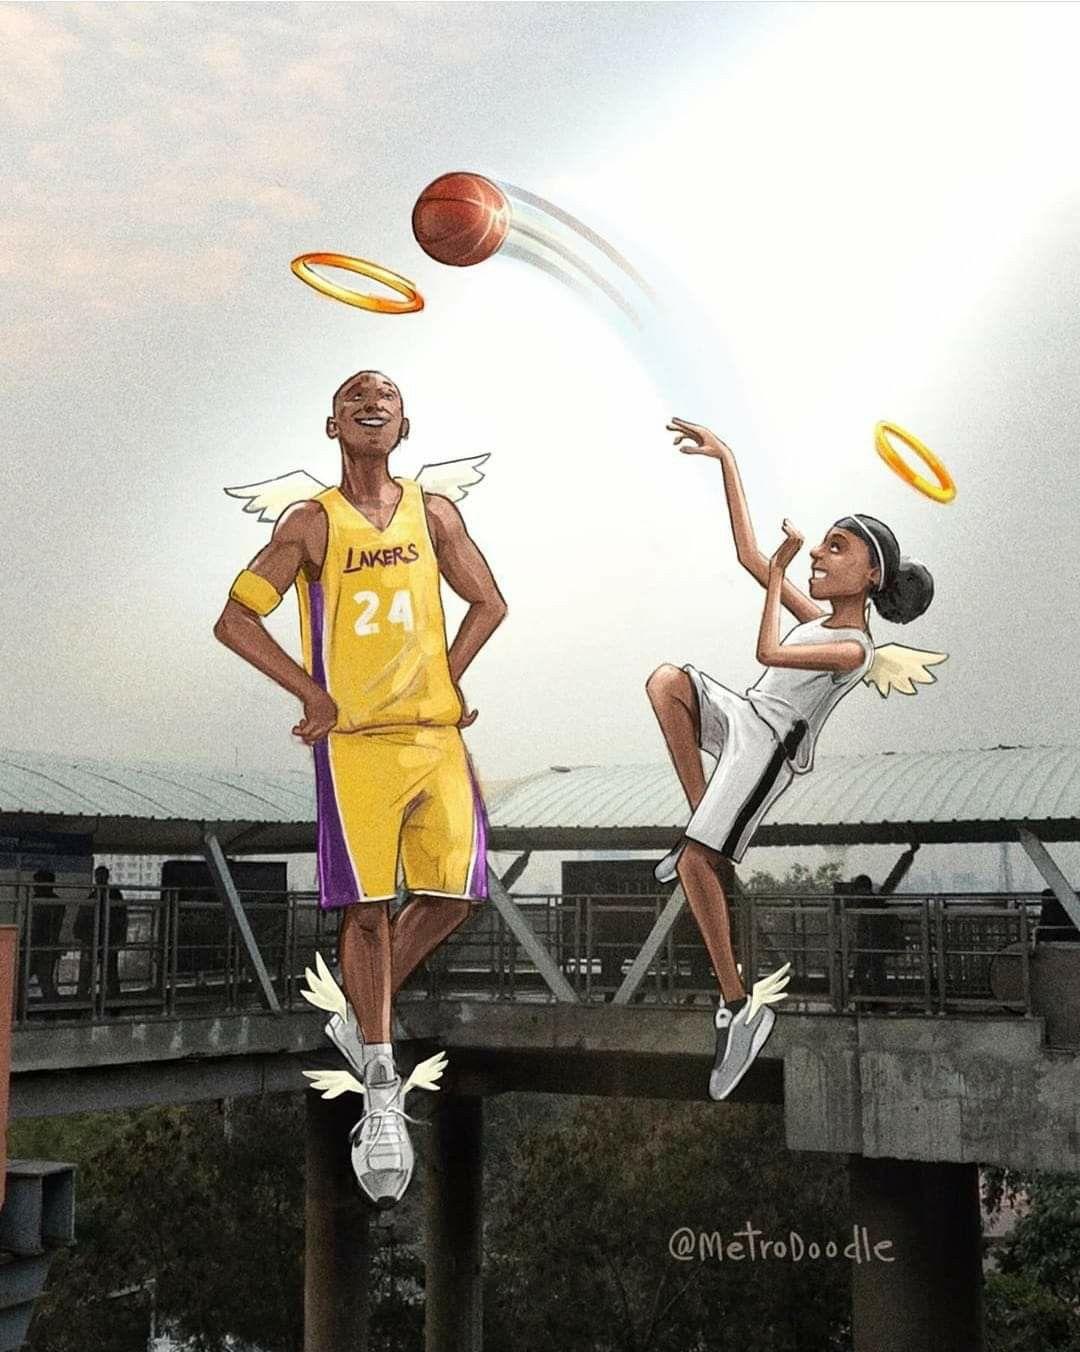 KOBE & GIGI BRYANT in 2020 (With images) Kobe bryant